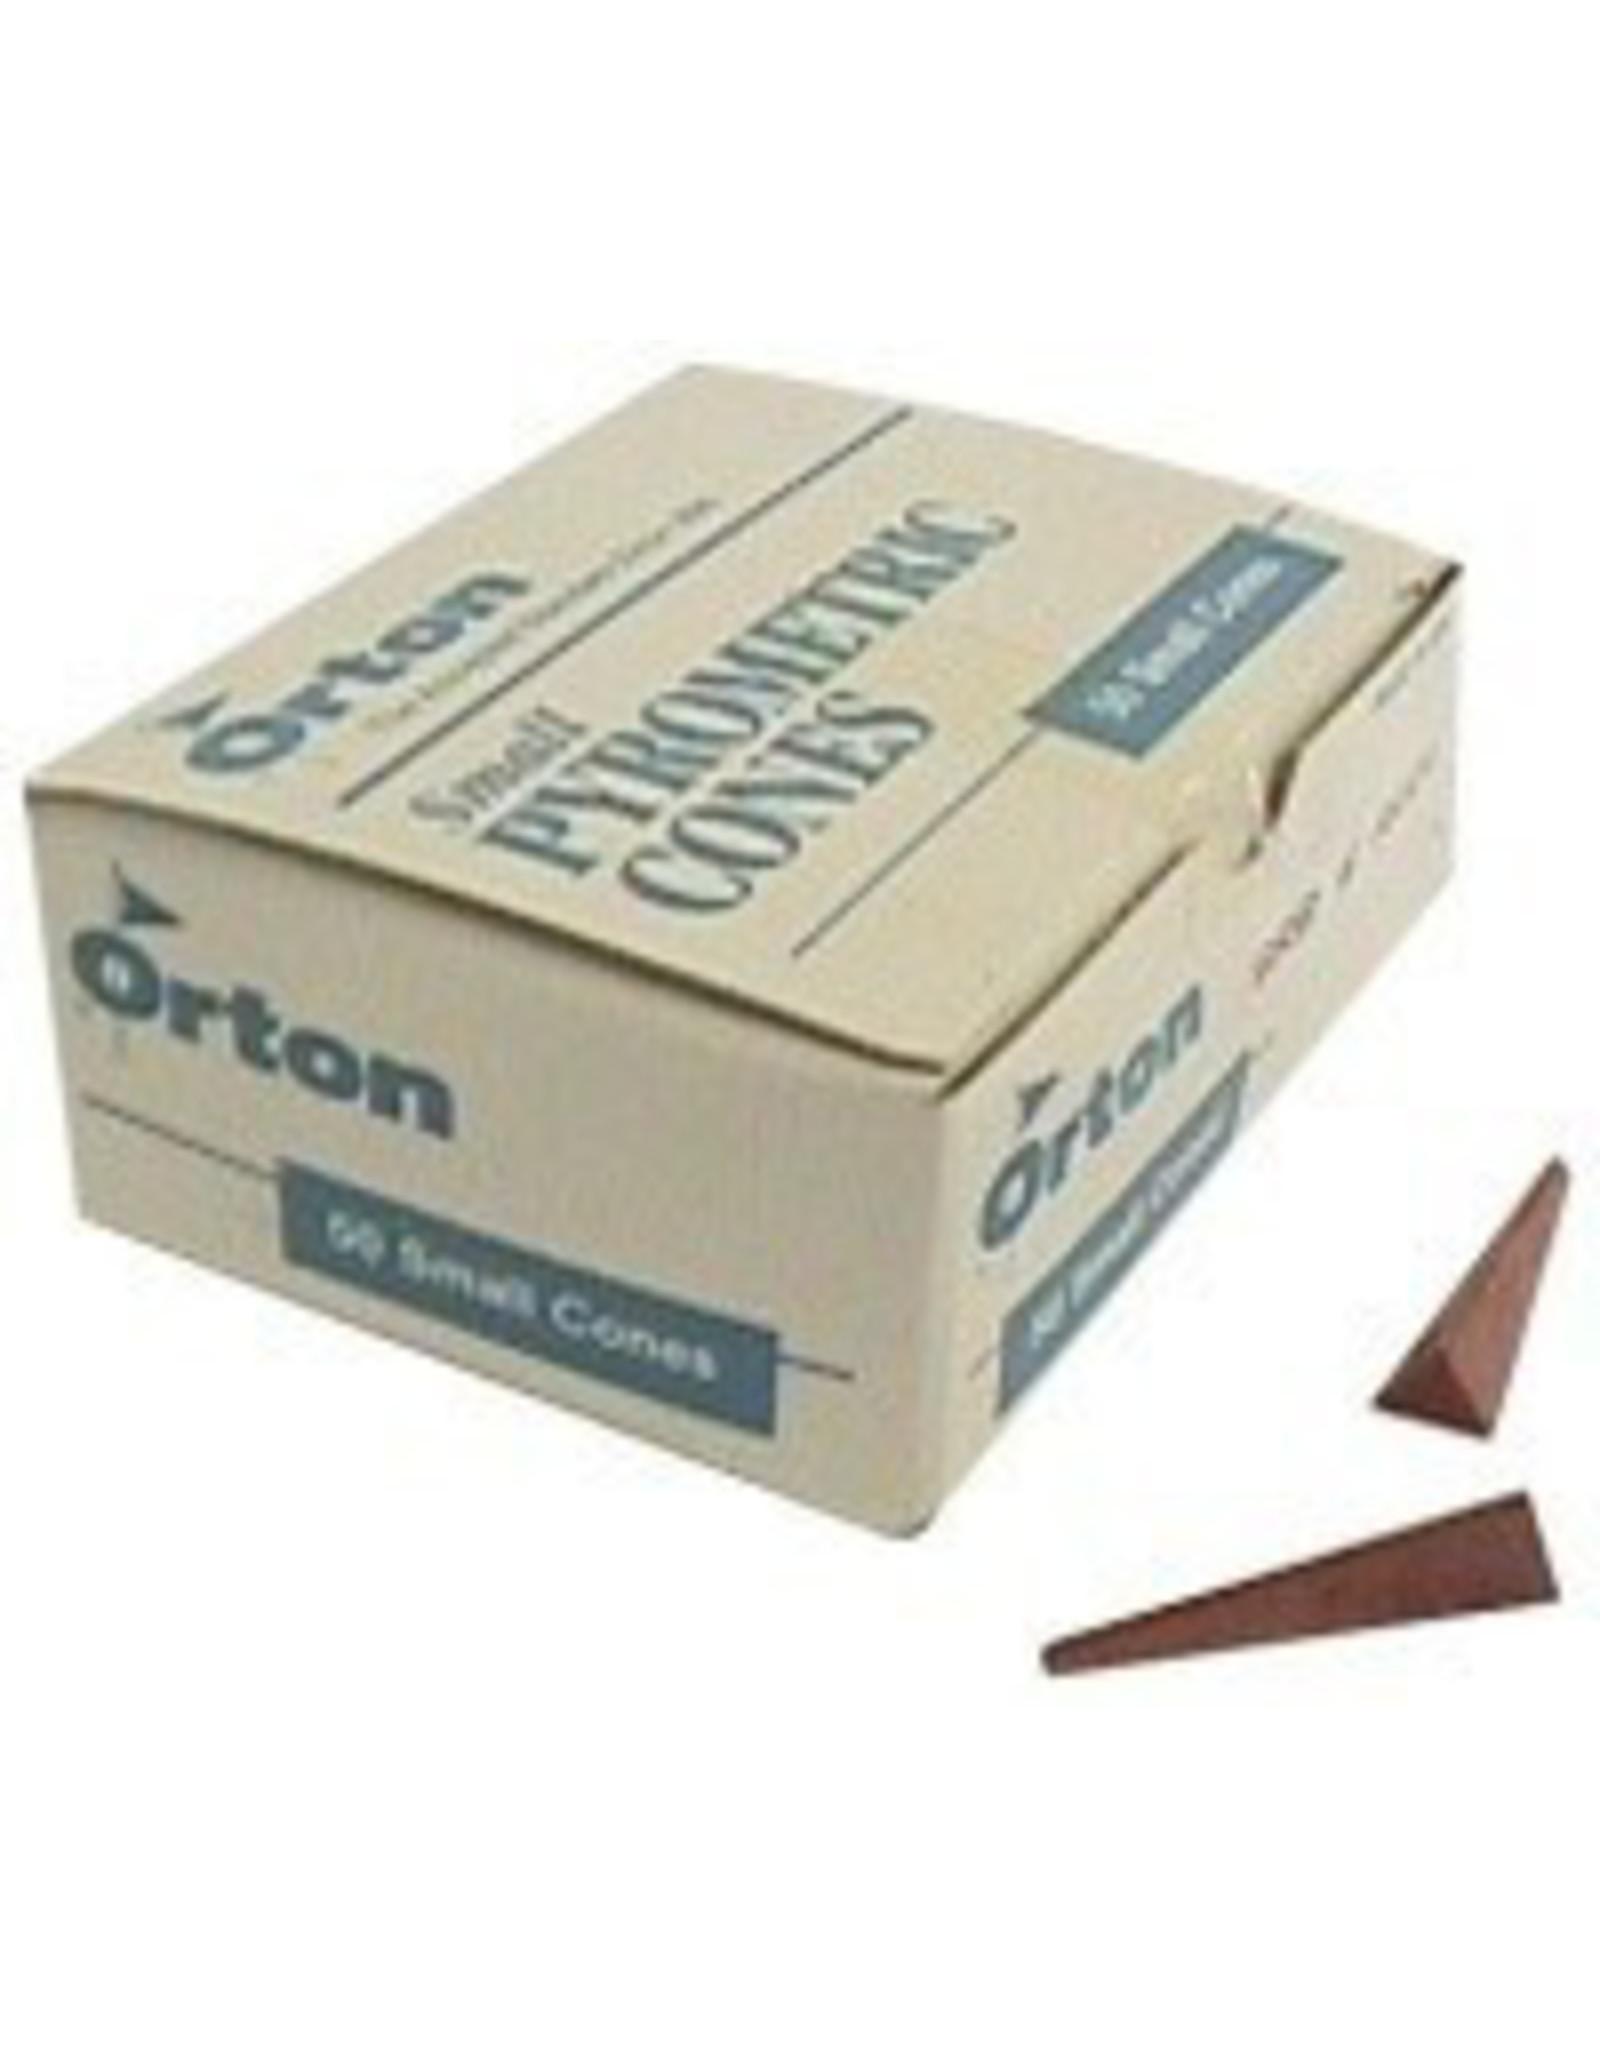 Orton Orton midget cone 017